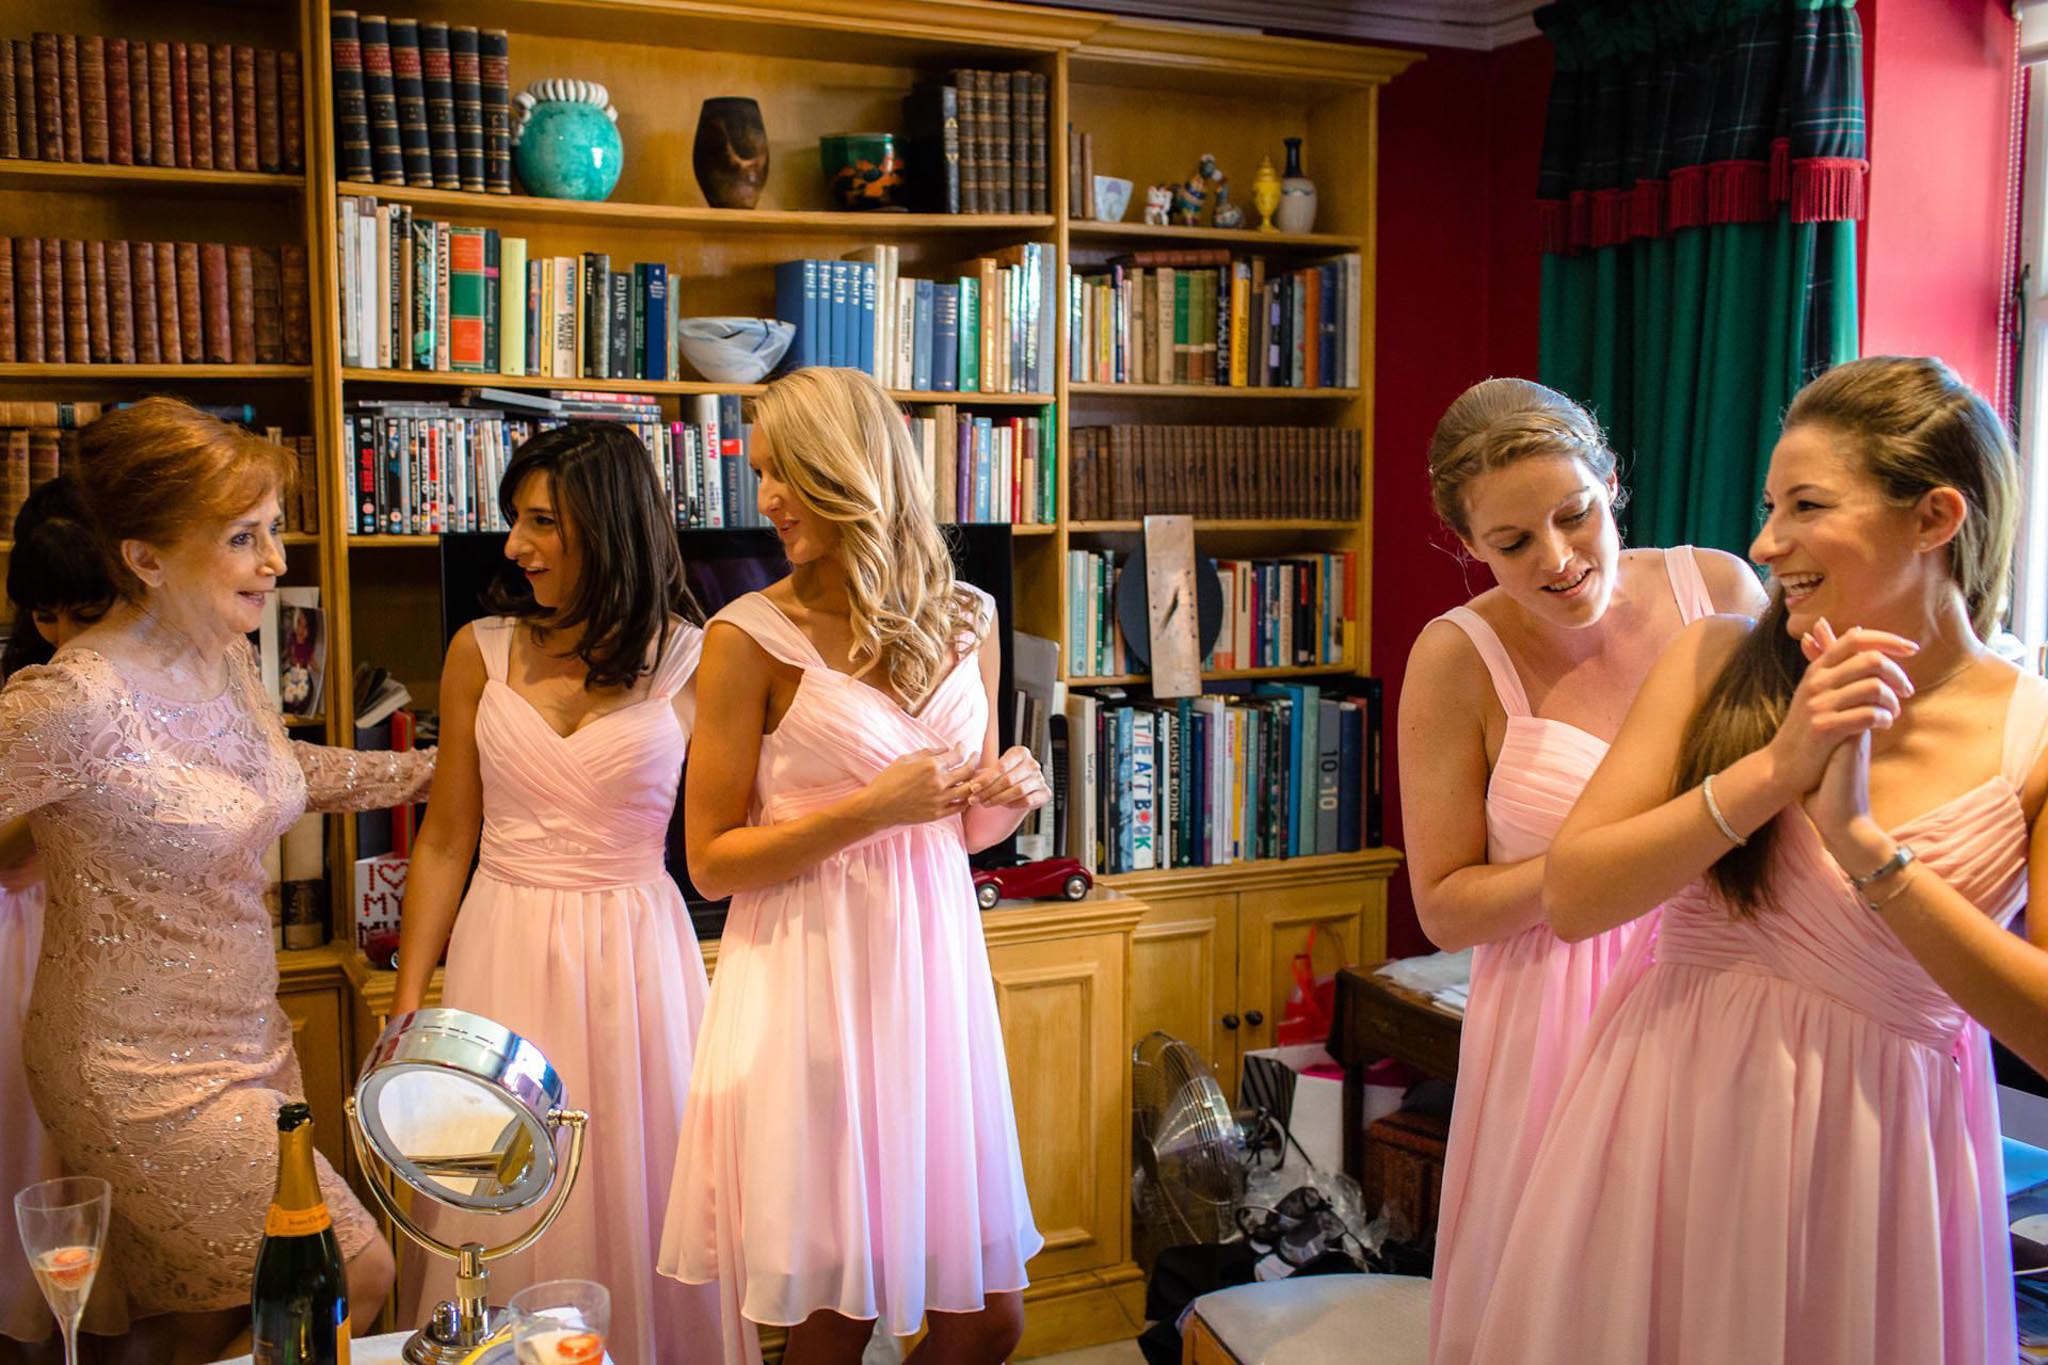 St. Pancras Renaissance hotel wedding bridesmaids helping each other